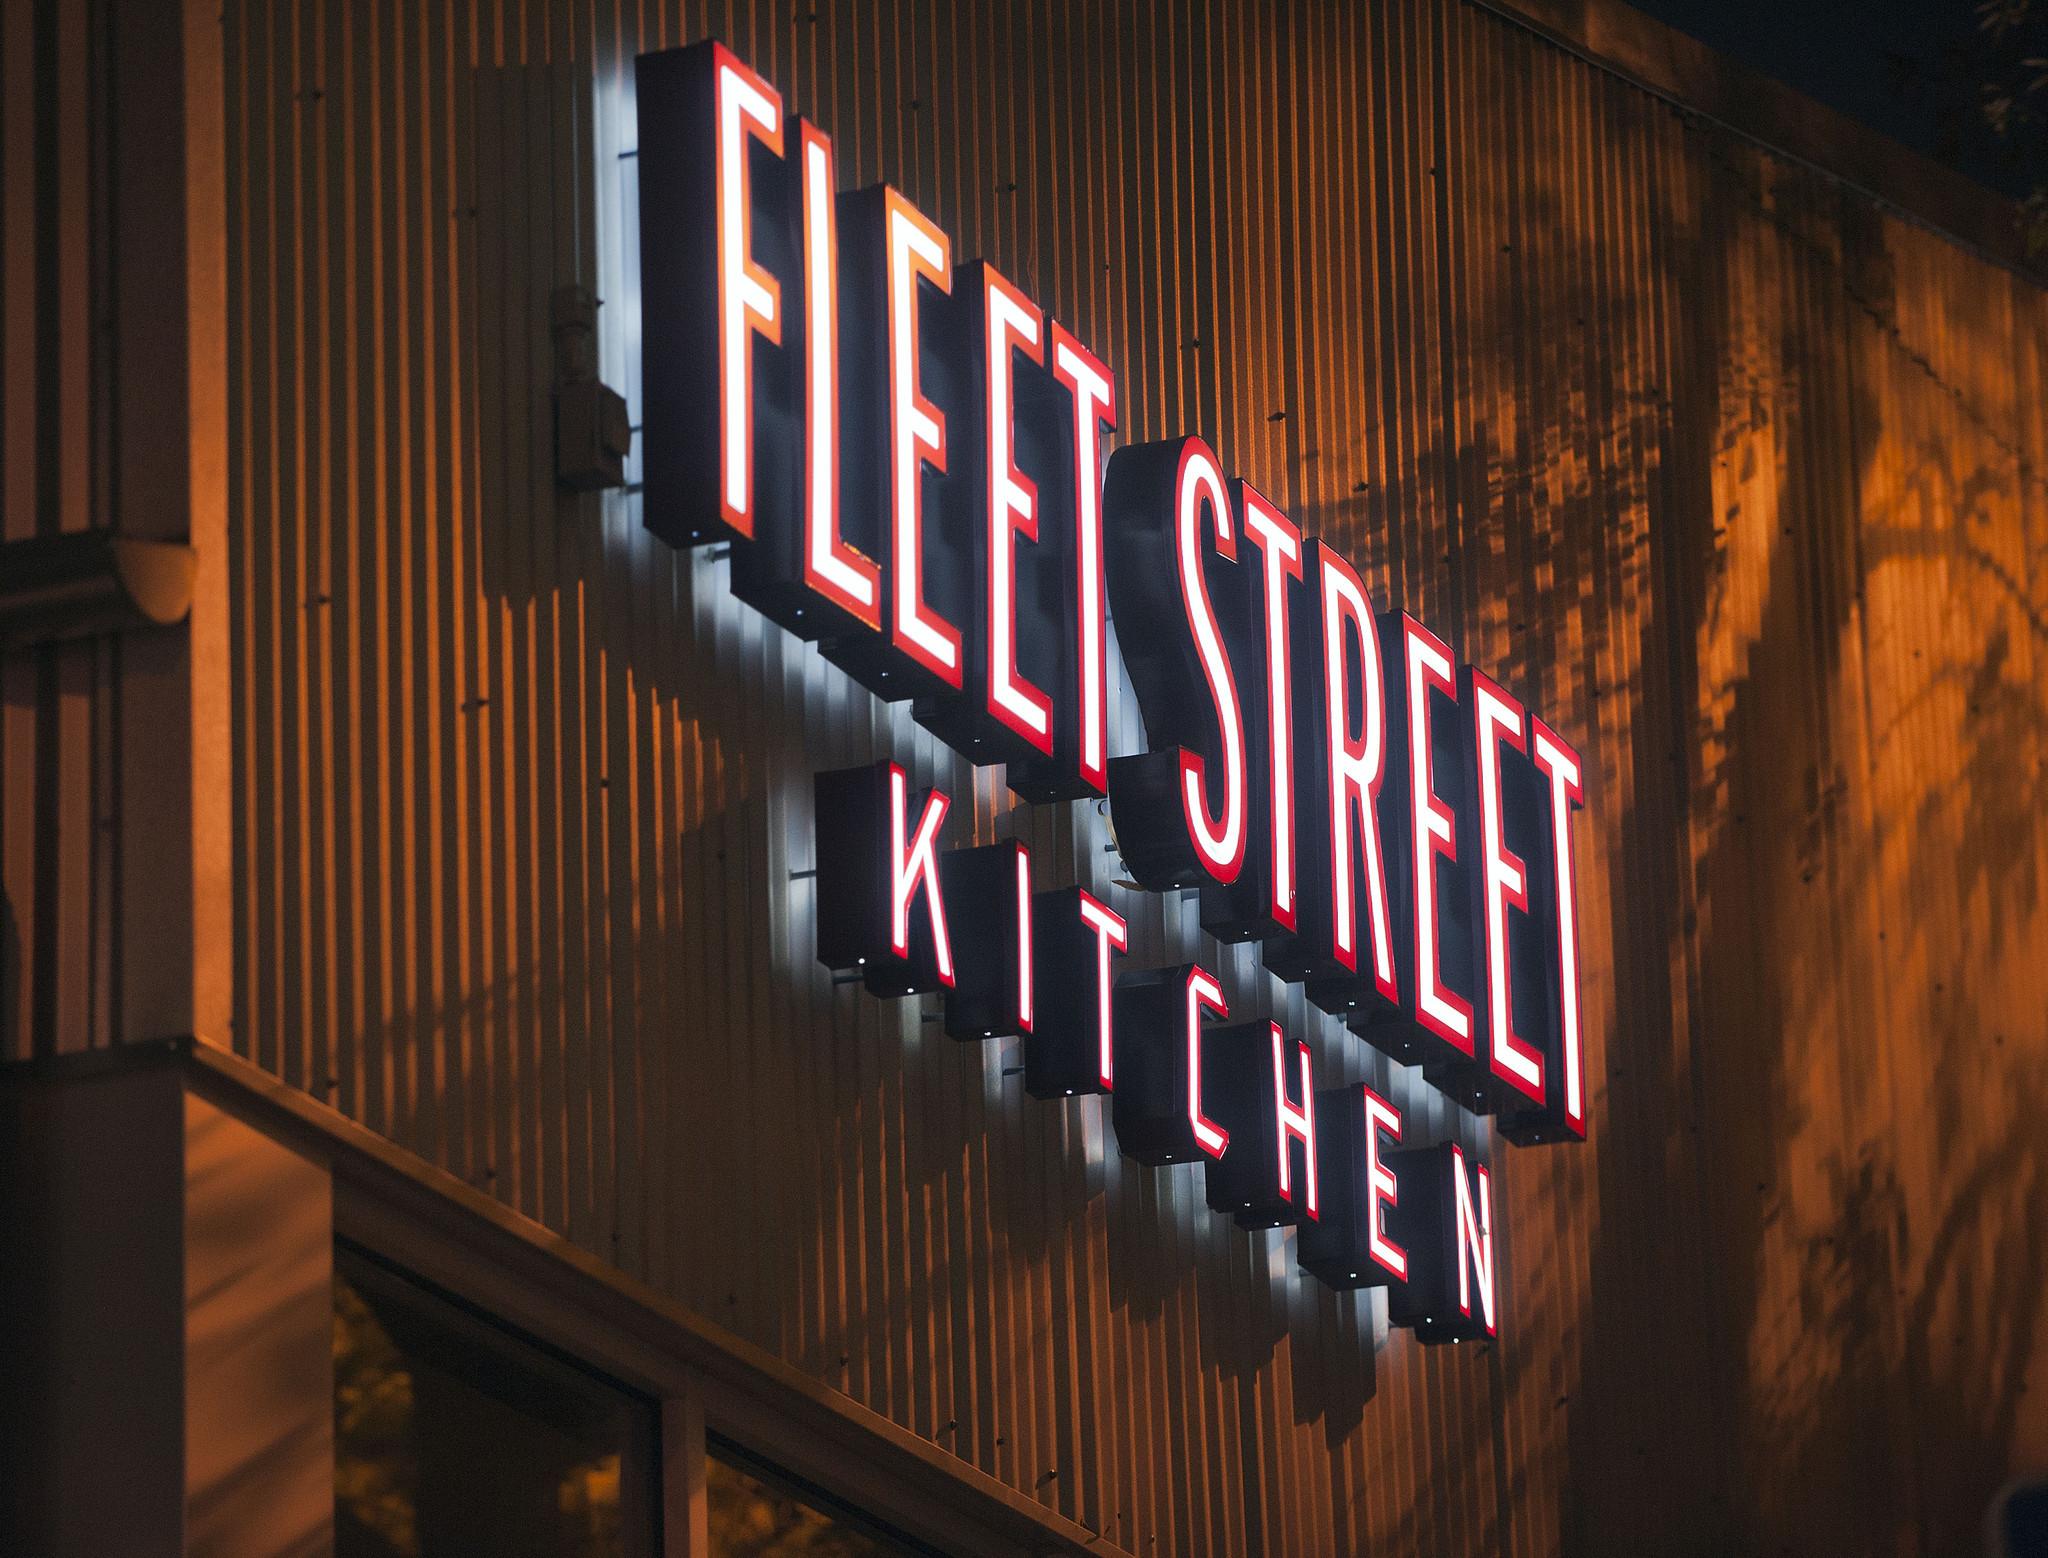 Fleet Street Kitchen Reviews